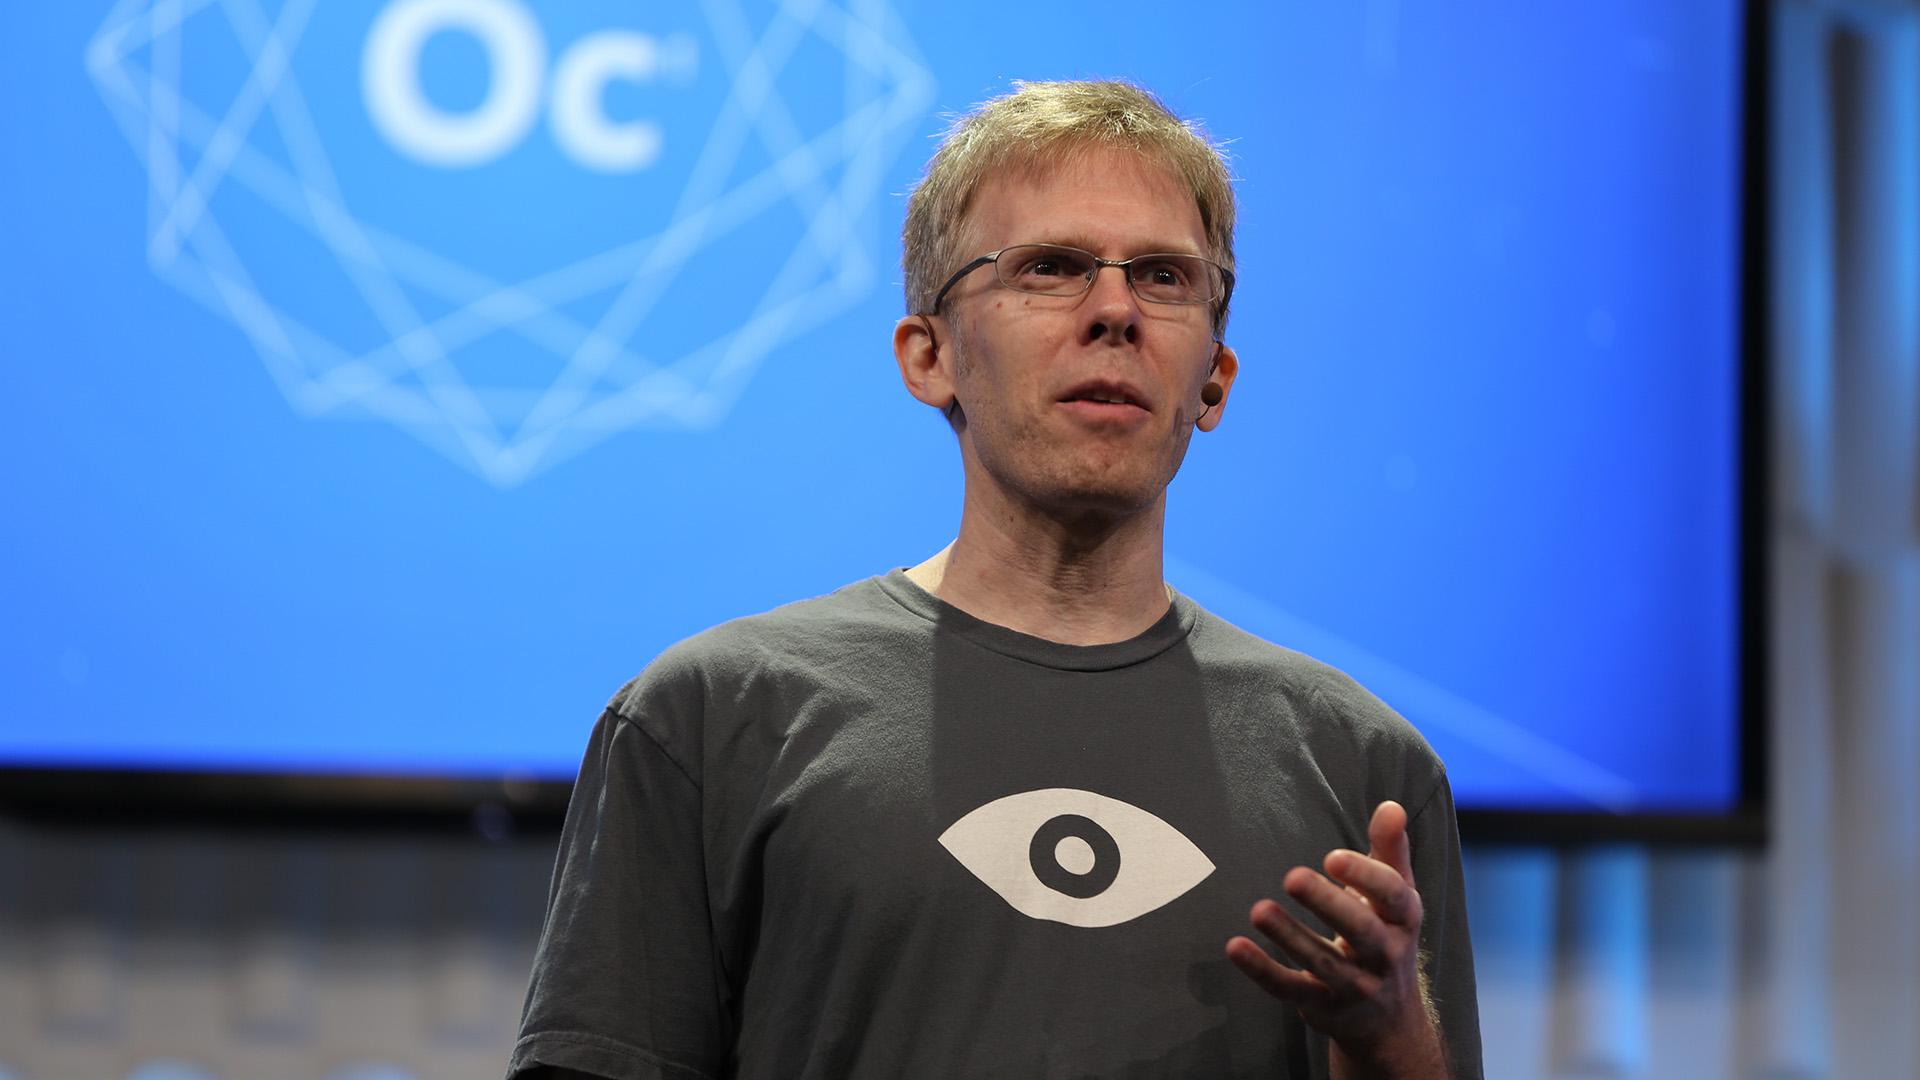 https://www.macfreak.nl/modules/news/images/zArt.John-Carmack.jpg